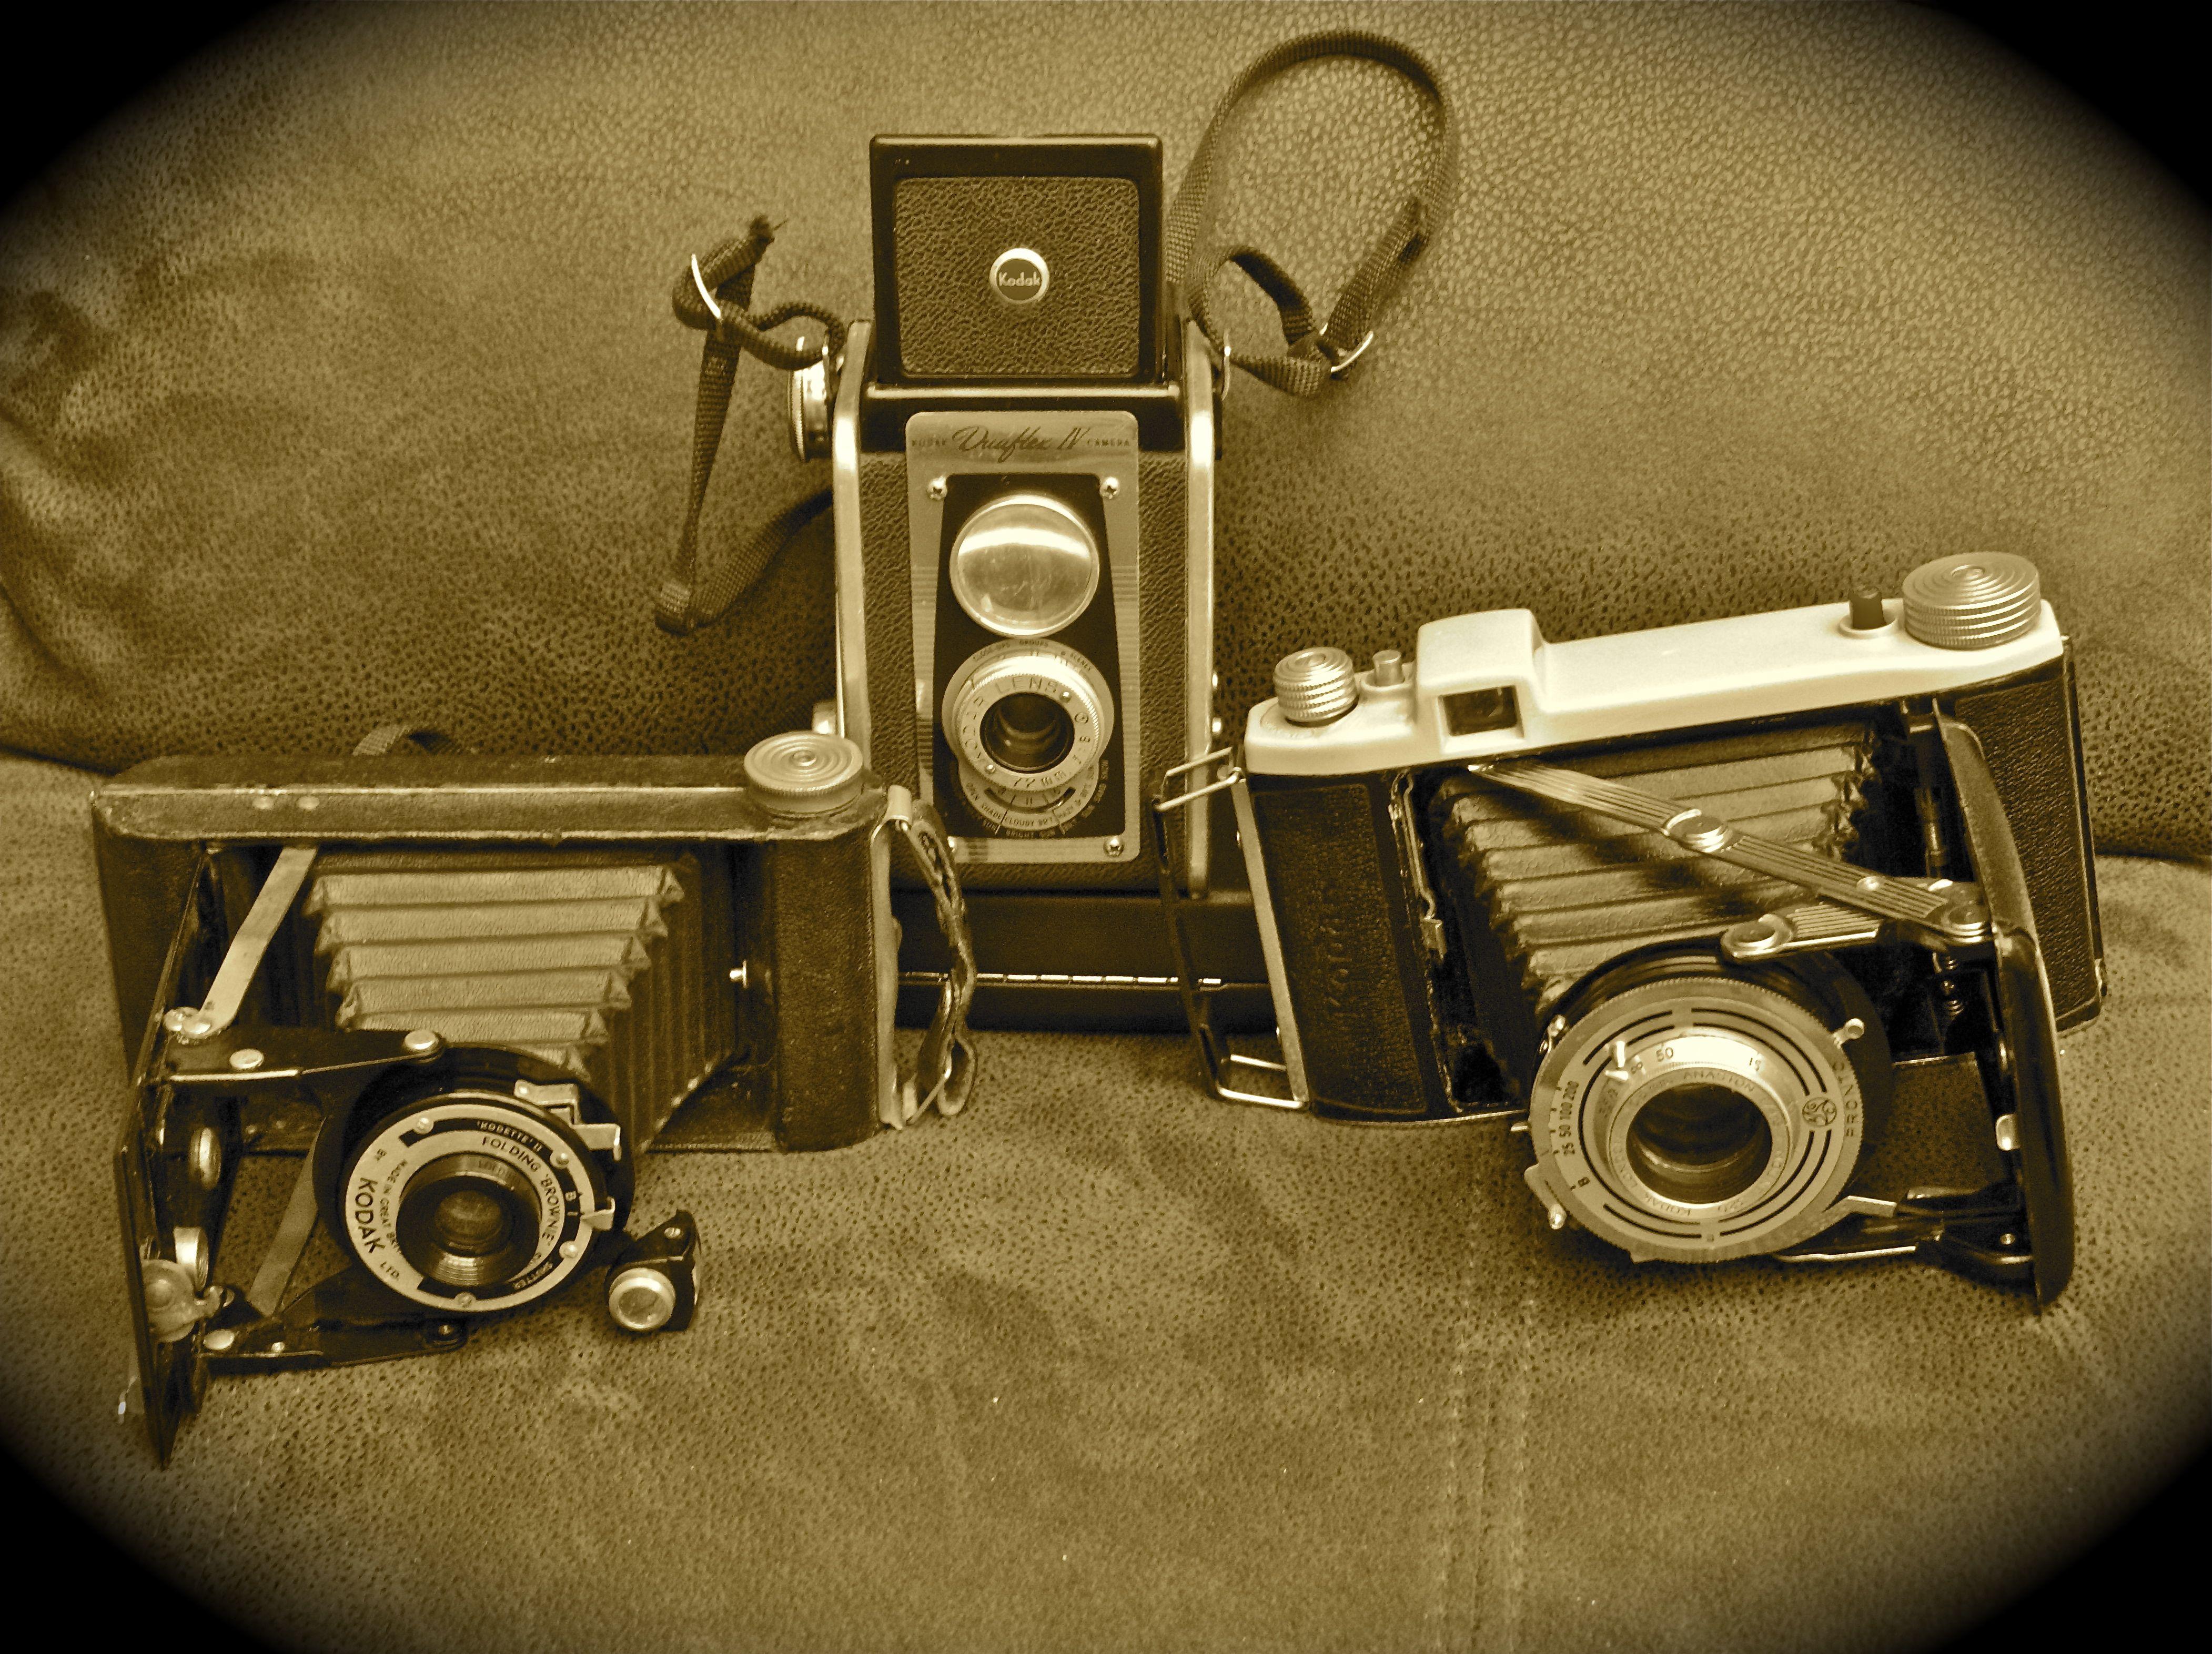 Old Cameras_BNDCC_2013_Bill Henning.jpg